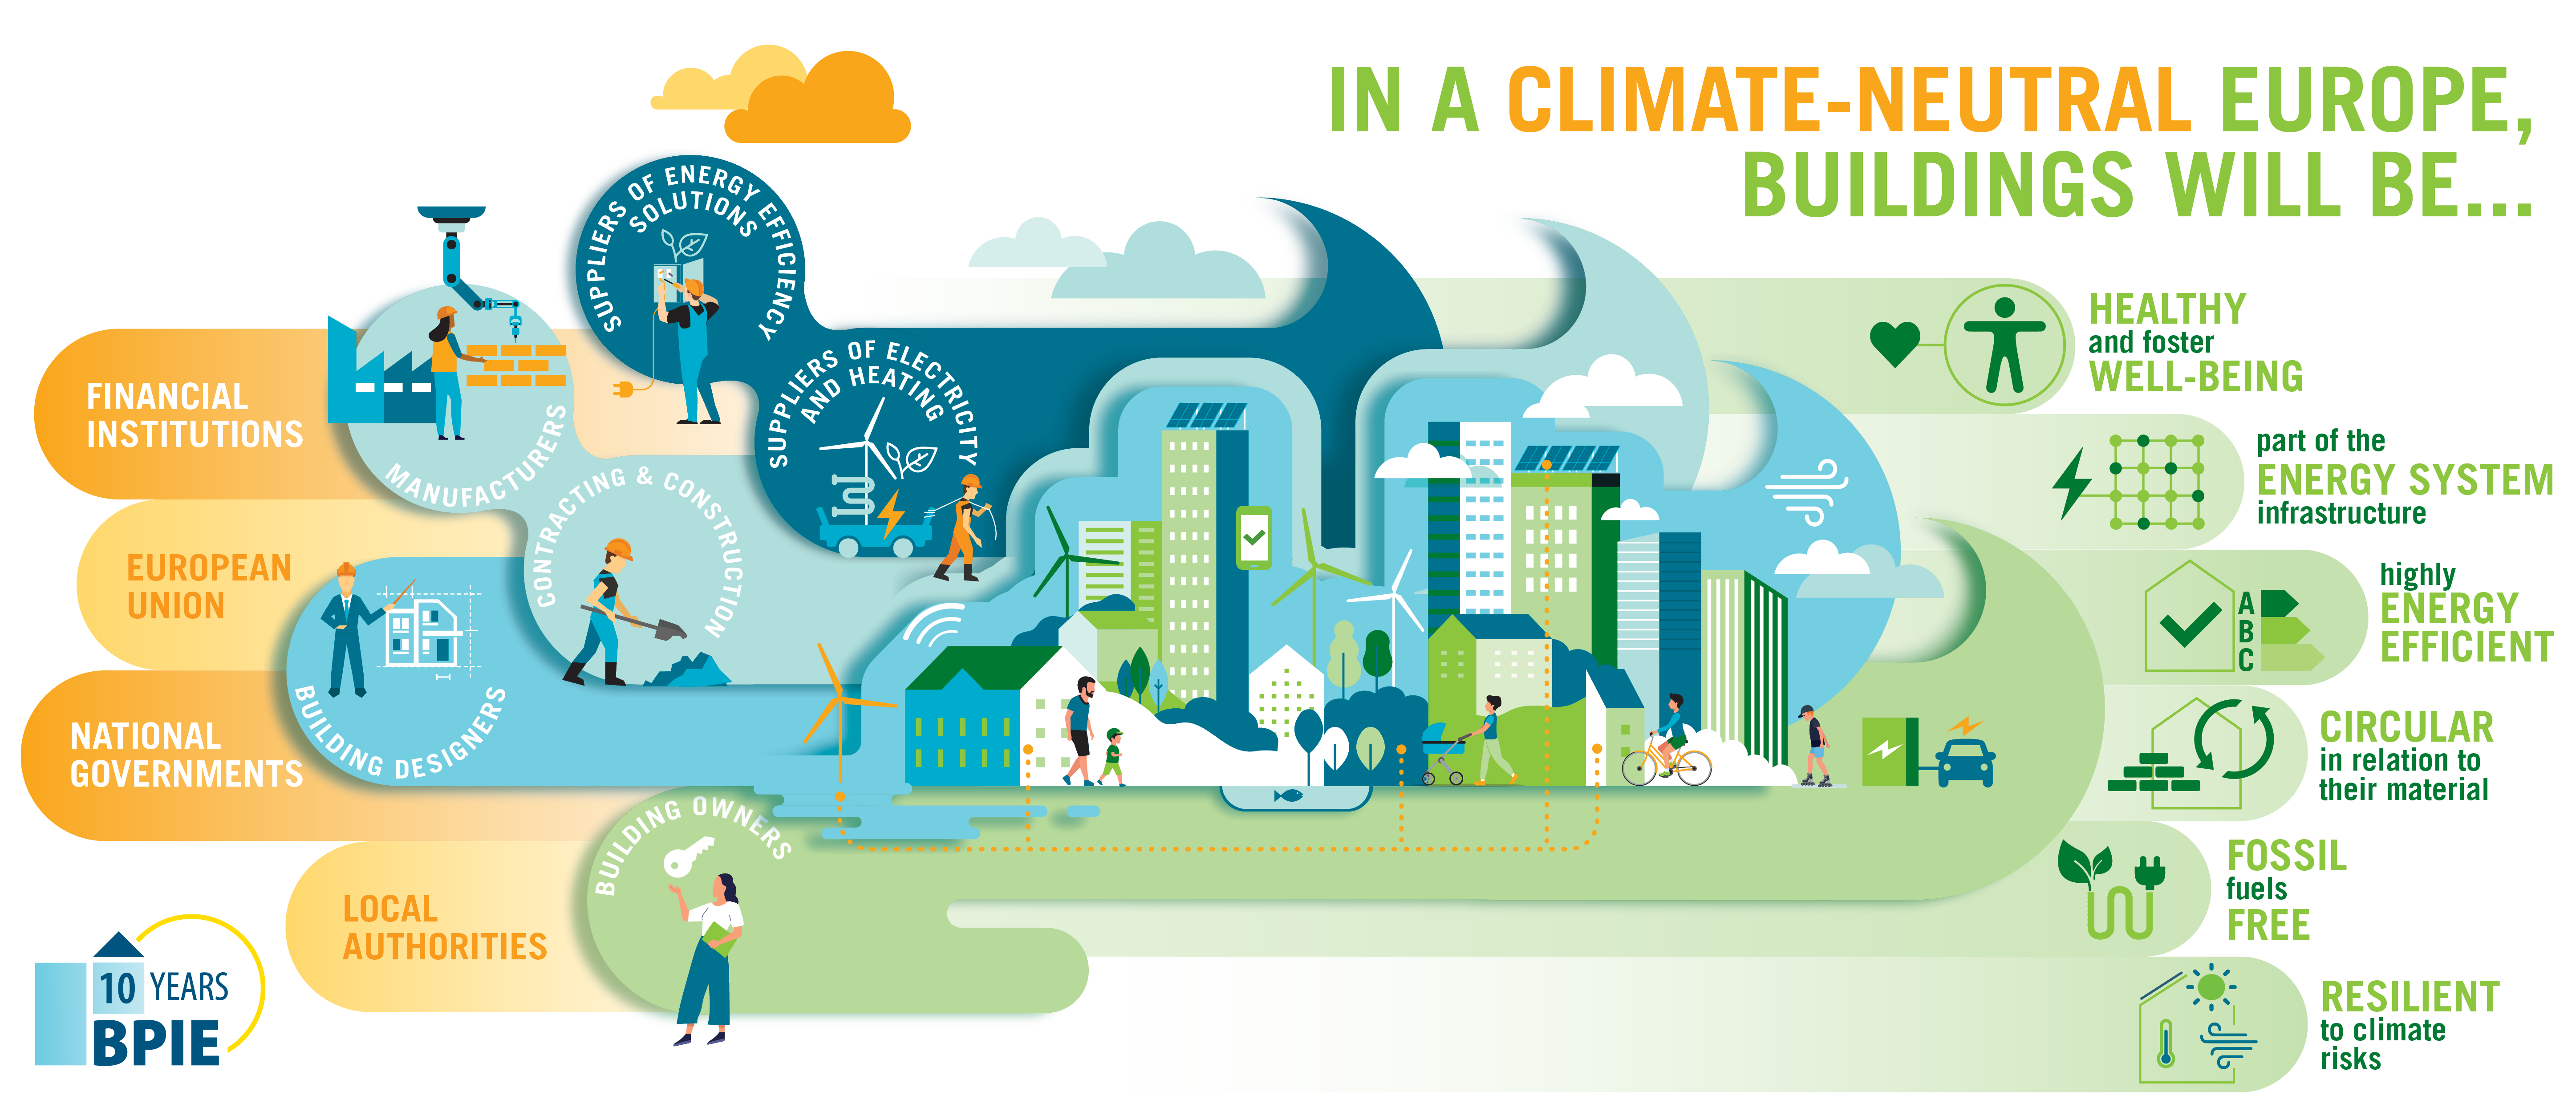 Vala transformuese; efiçiencës së ndërtimit; Sektori i ndërtimit; qëllimeve energjetike dhe mjedisore; konsumit të energjisë; konsumatori më i madh i energjisë; industrinë e ndërtimit; ndërtesa më të mira; përfitimeve ekonomike